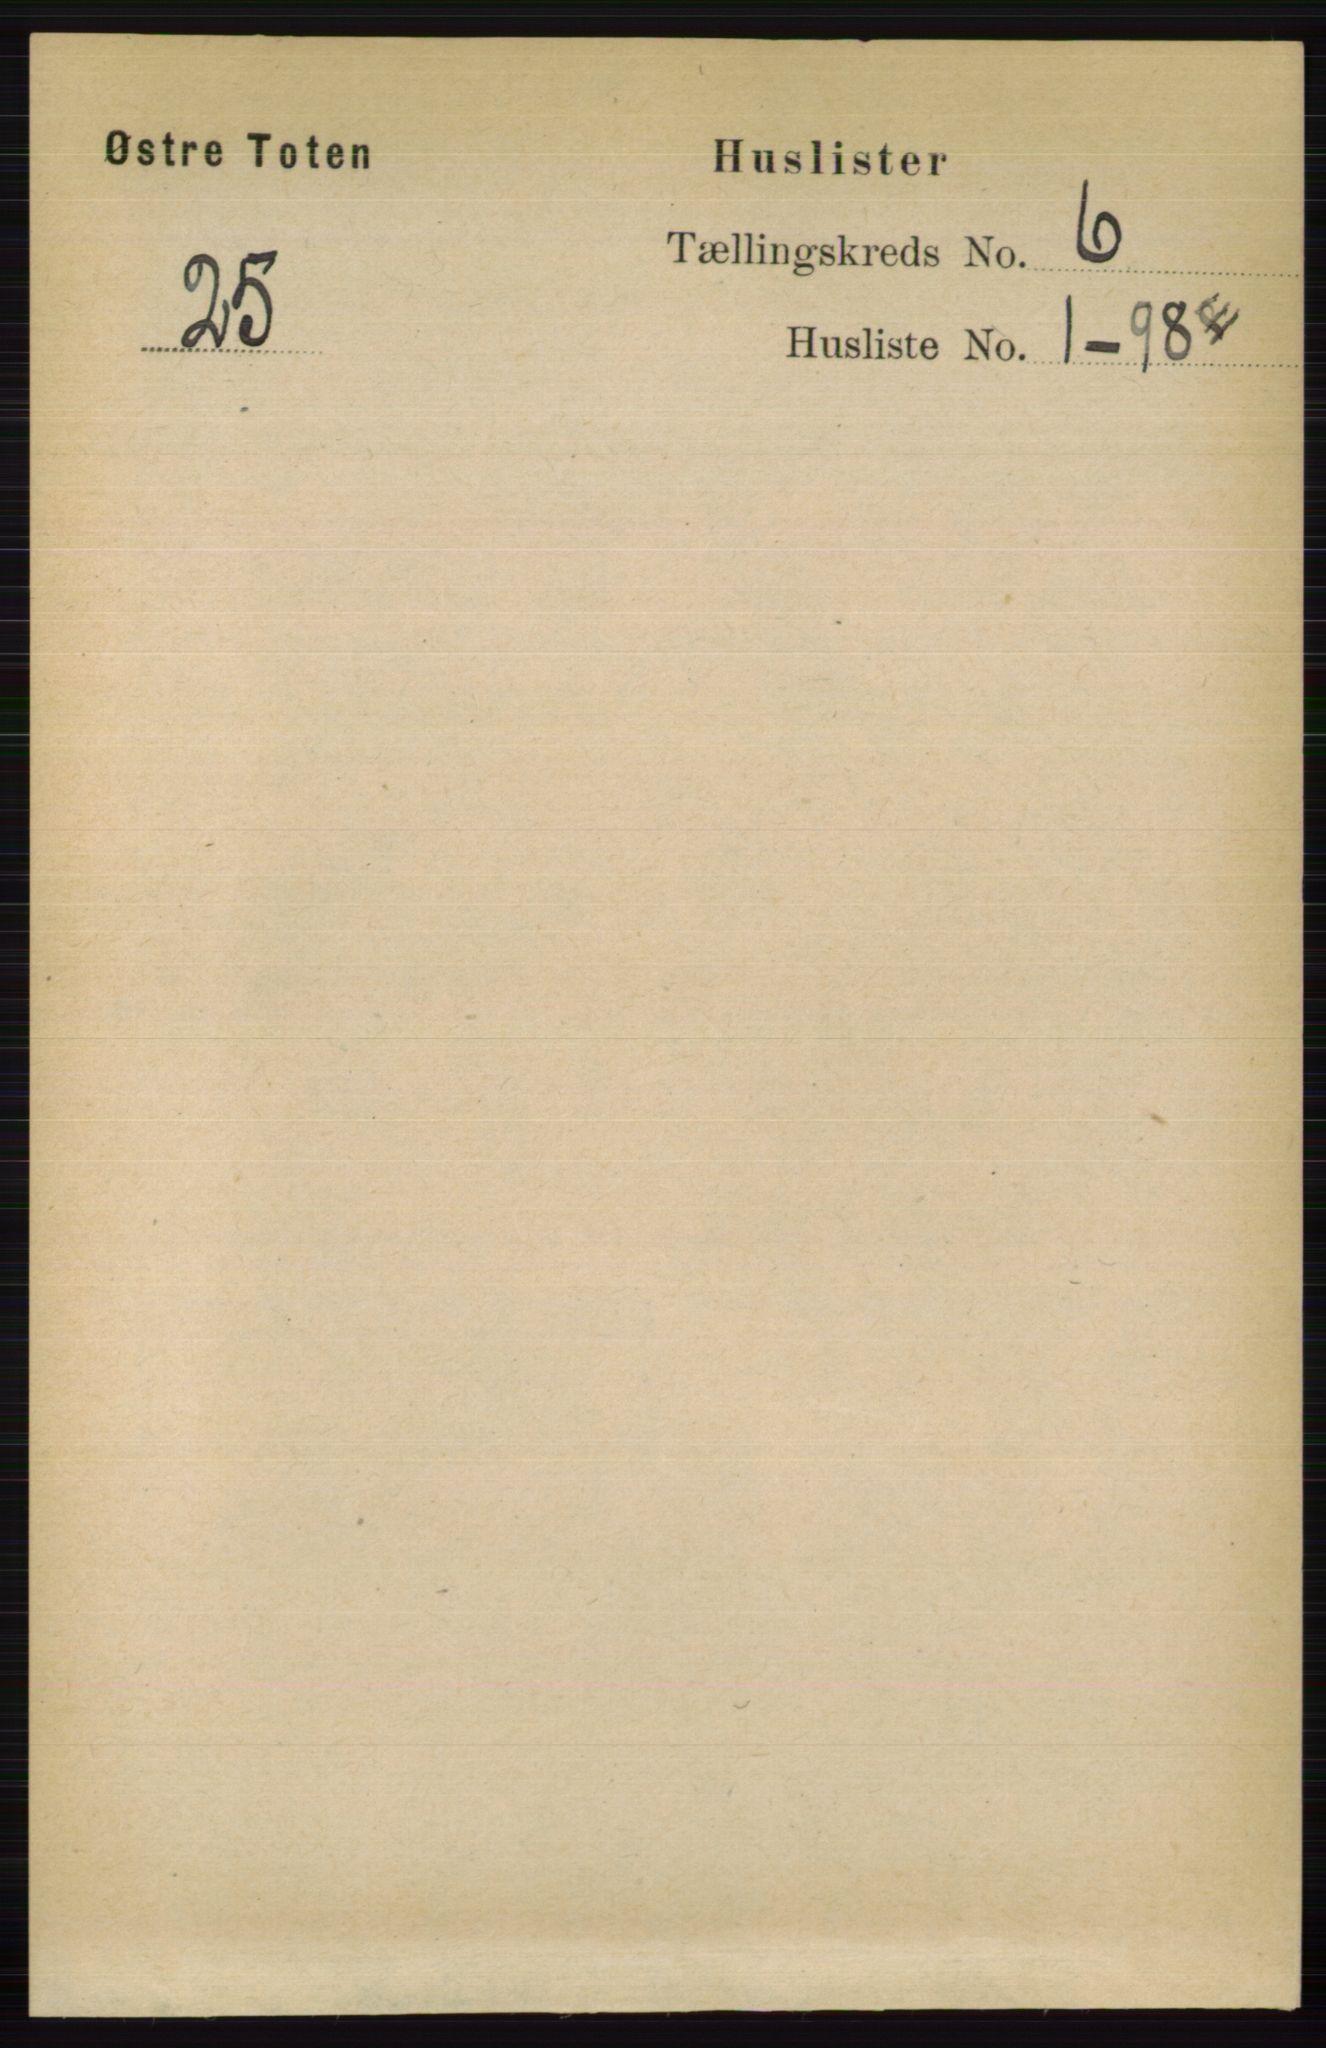 RA, Folketelling 1891 for 0528 Østre Toten herred, 1891, s. 3674